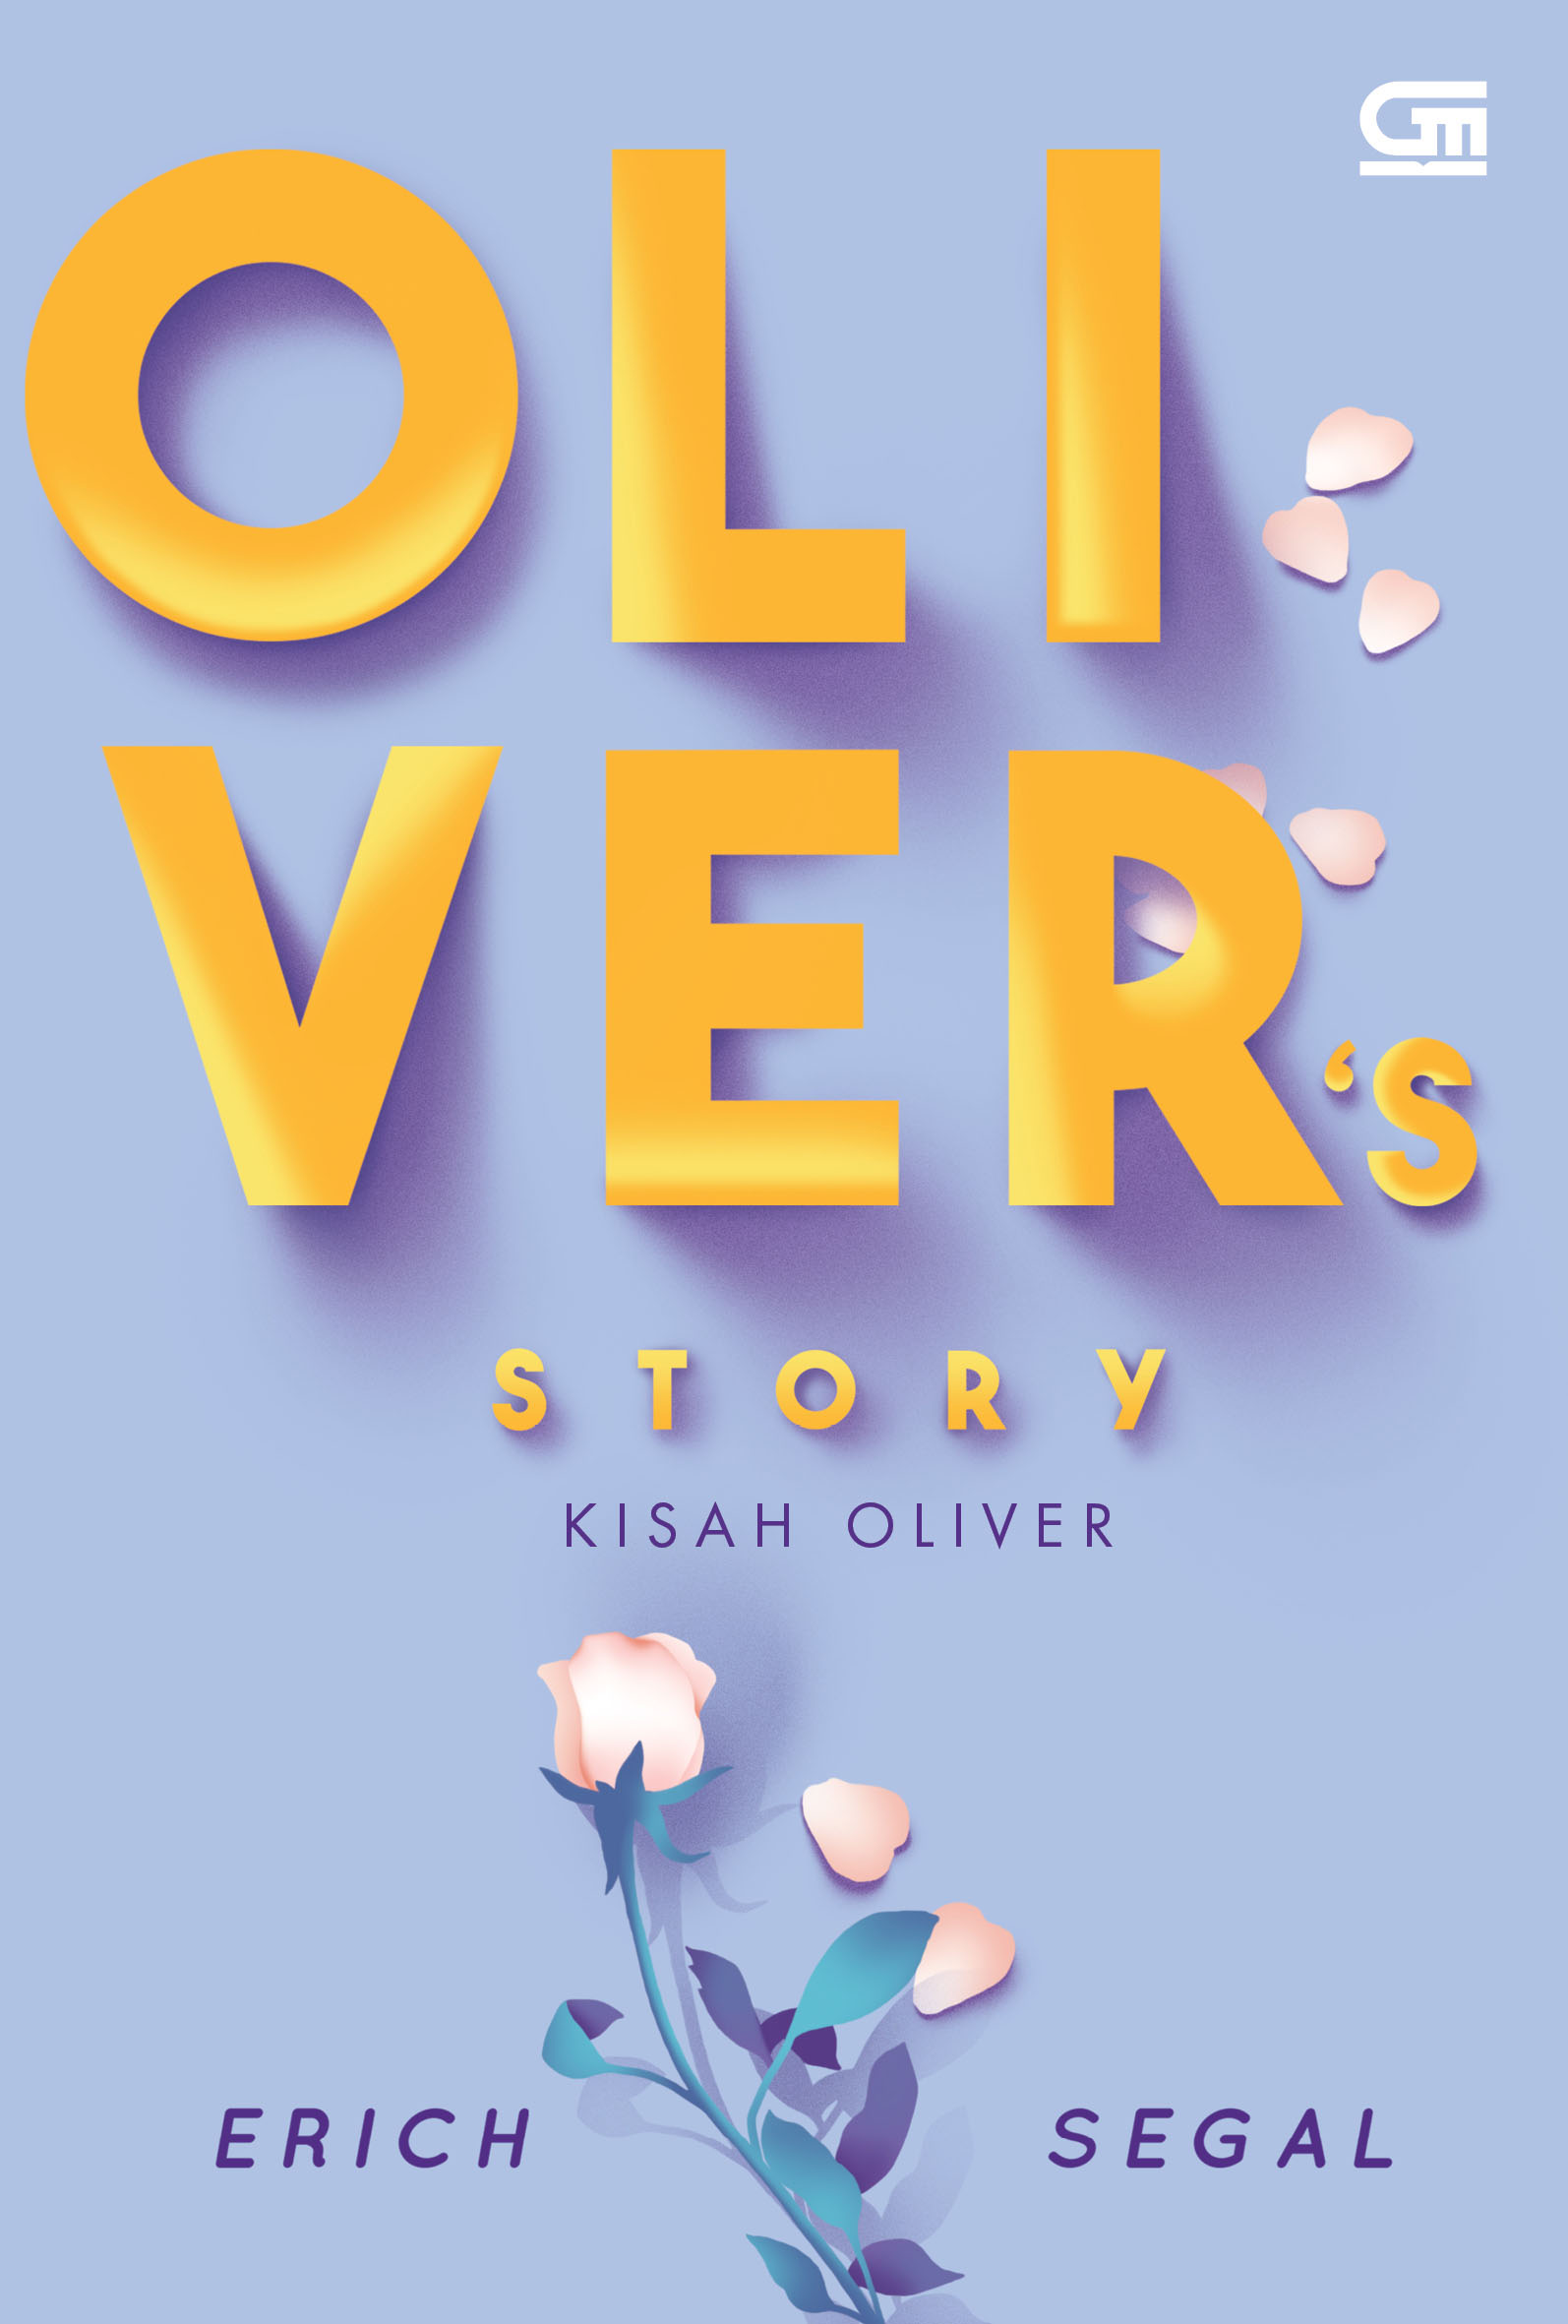 Kisah Oliver (Oliver Story)